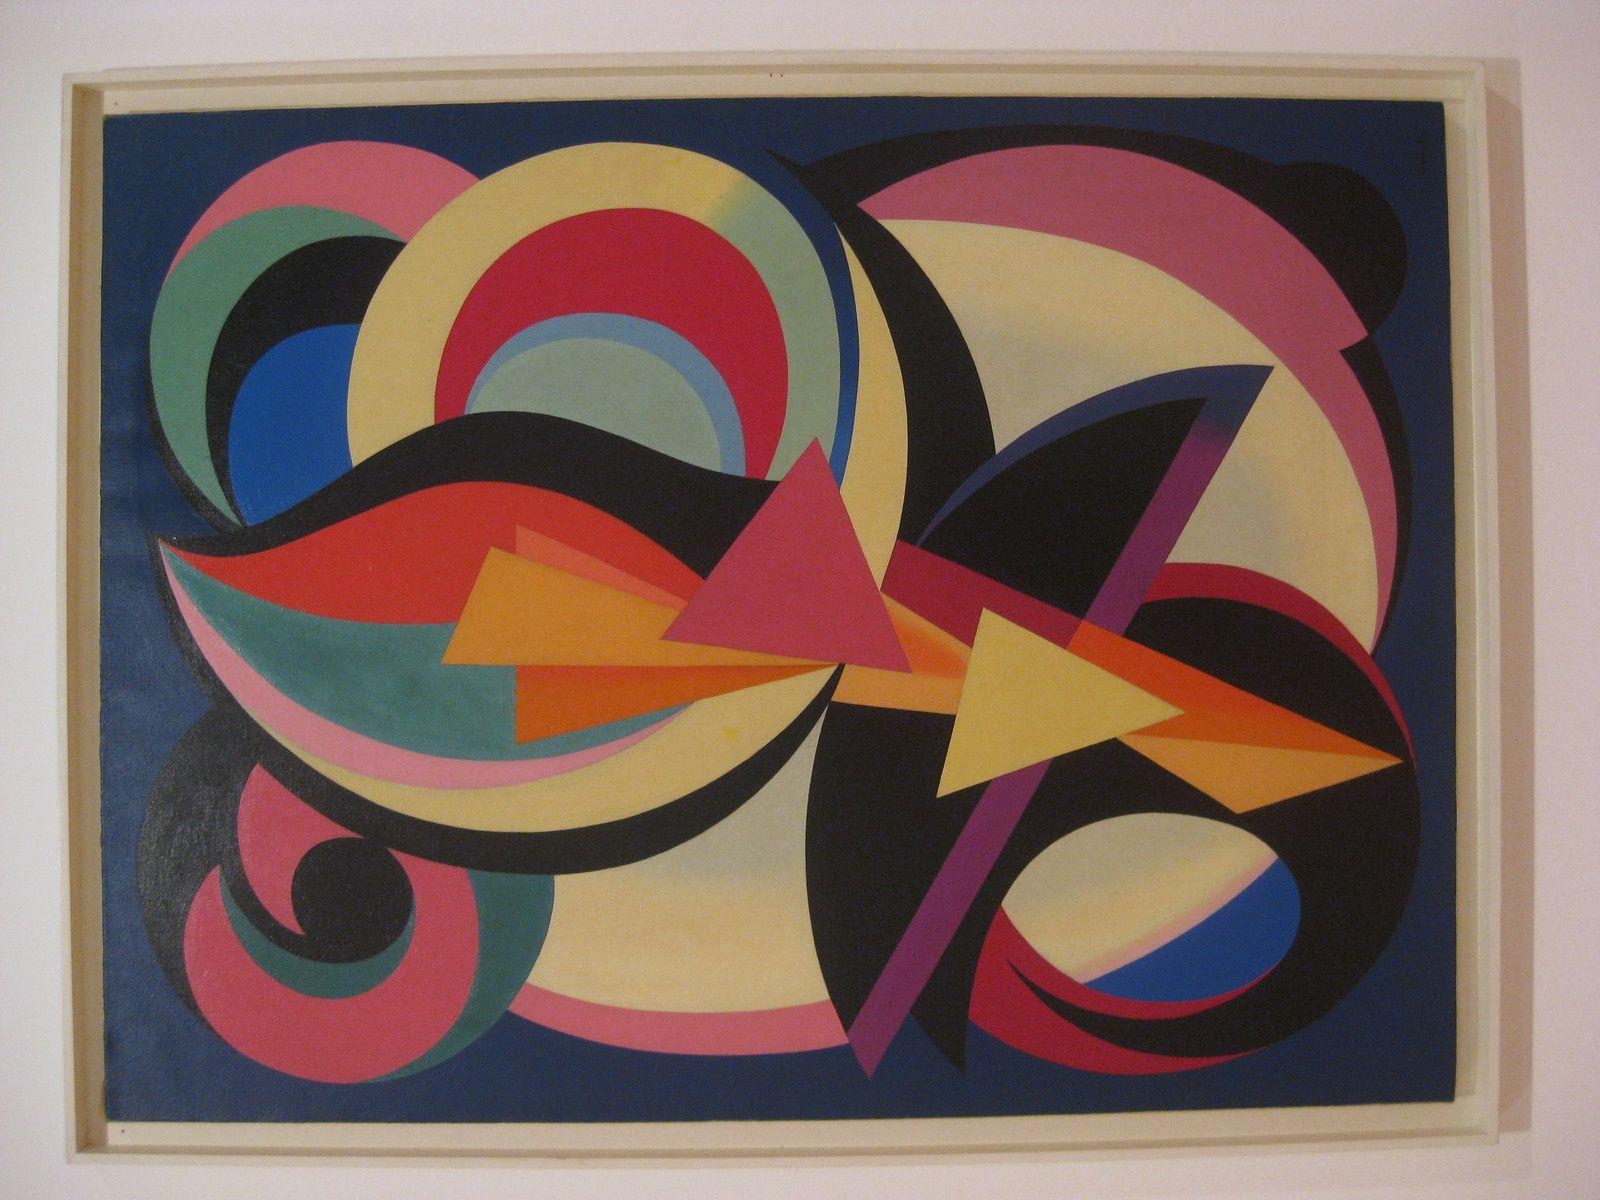 Citation sur l'art abstrait de Romain Gary